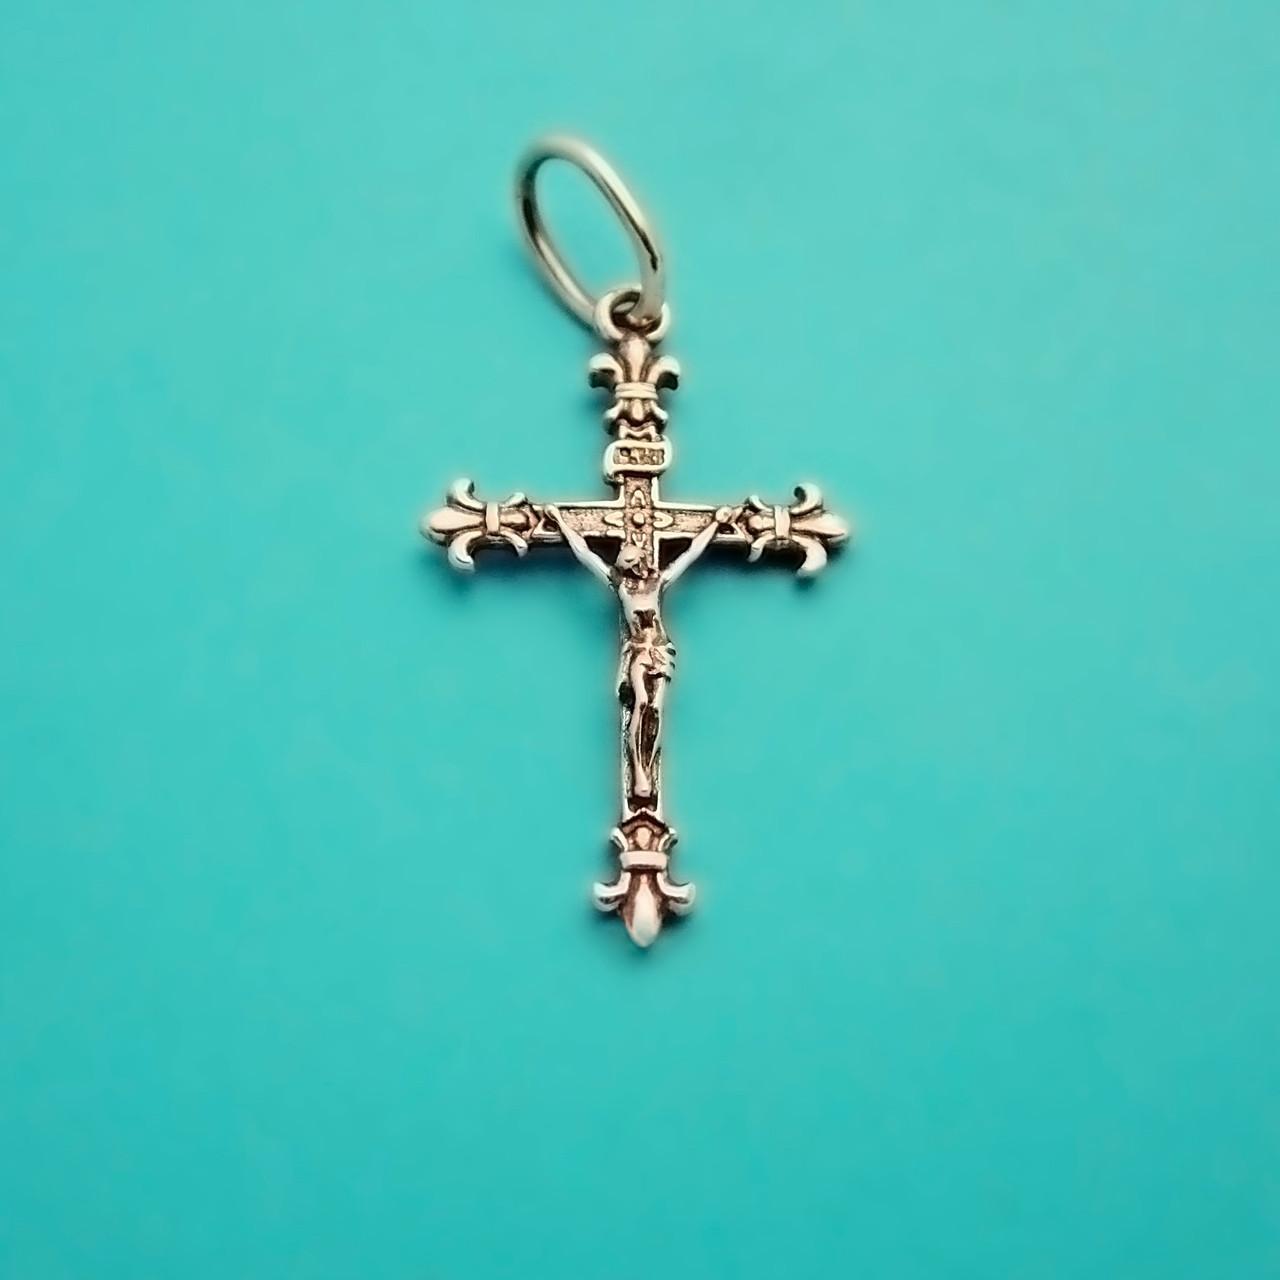 католический крест фото тем данное обращение